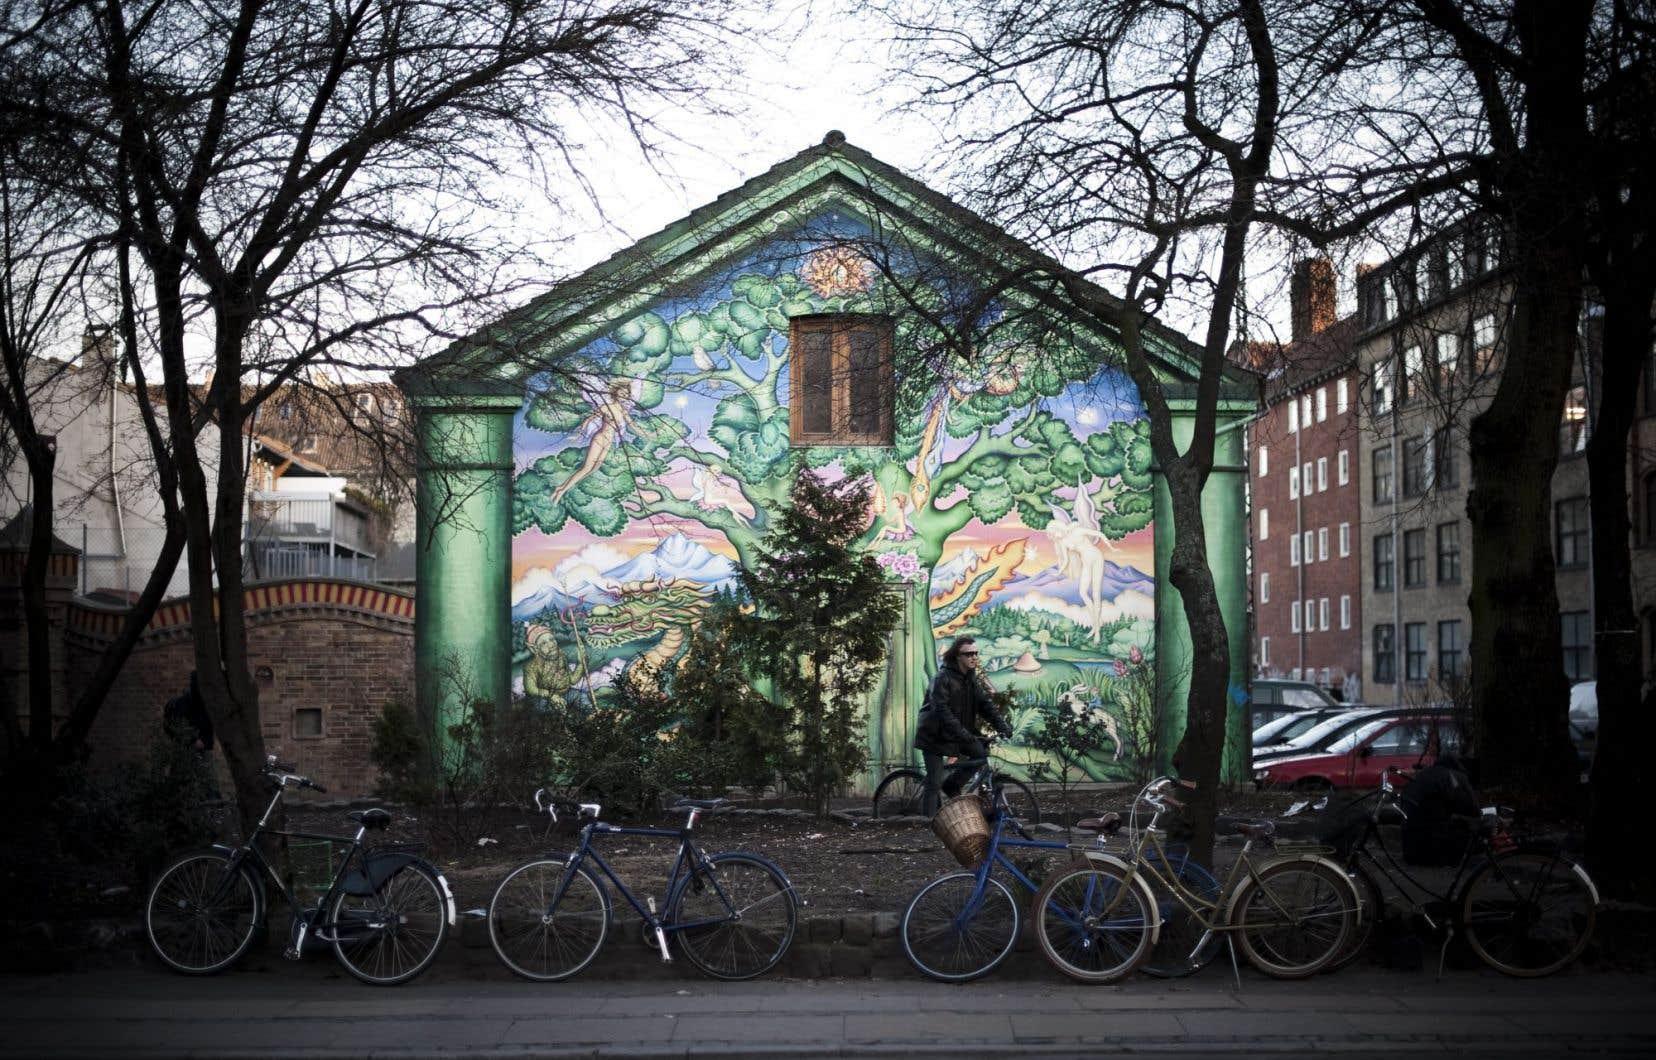 Un homme passe à vélo devant l'une des maisons peintes de Christiania, où vivent en commune libre des centaines de résidants depuis 1971.